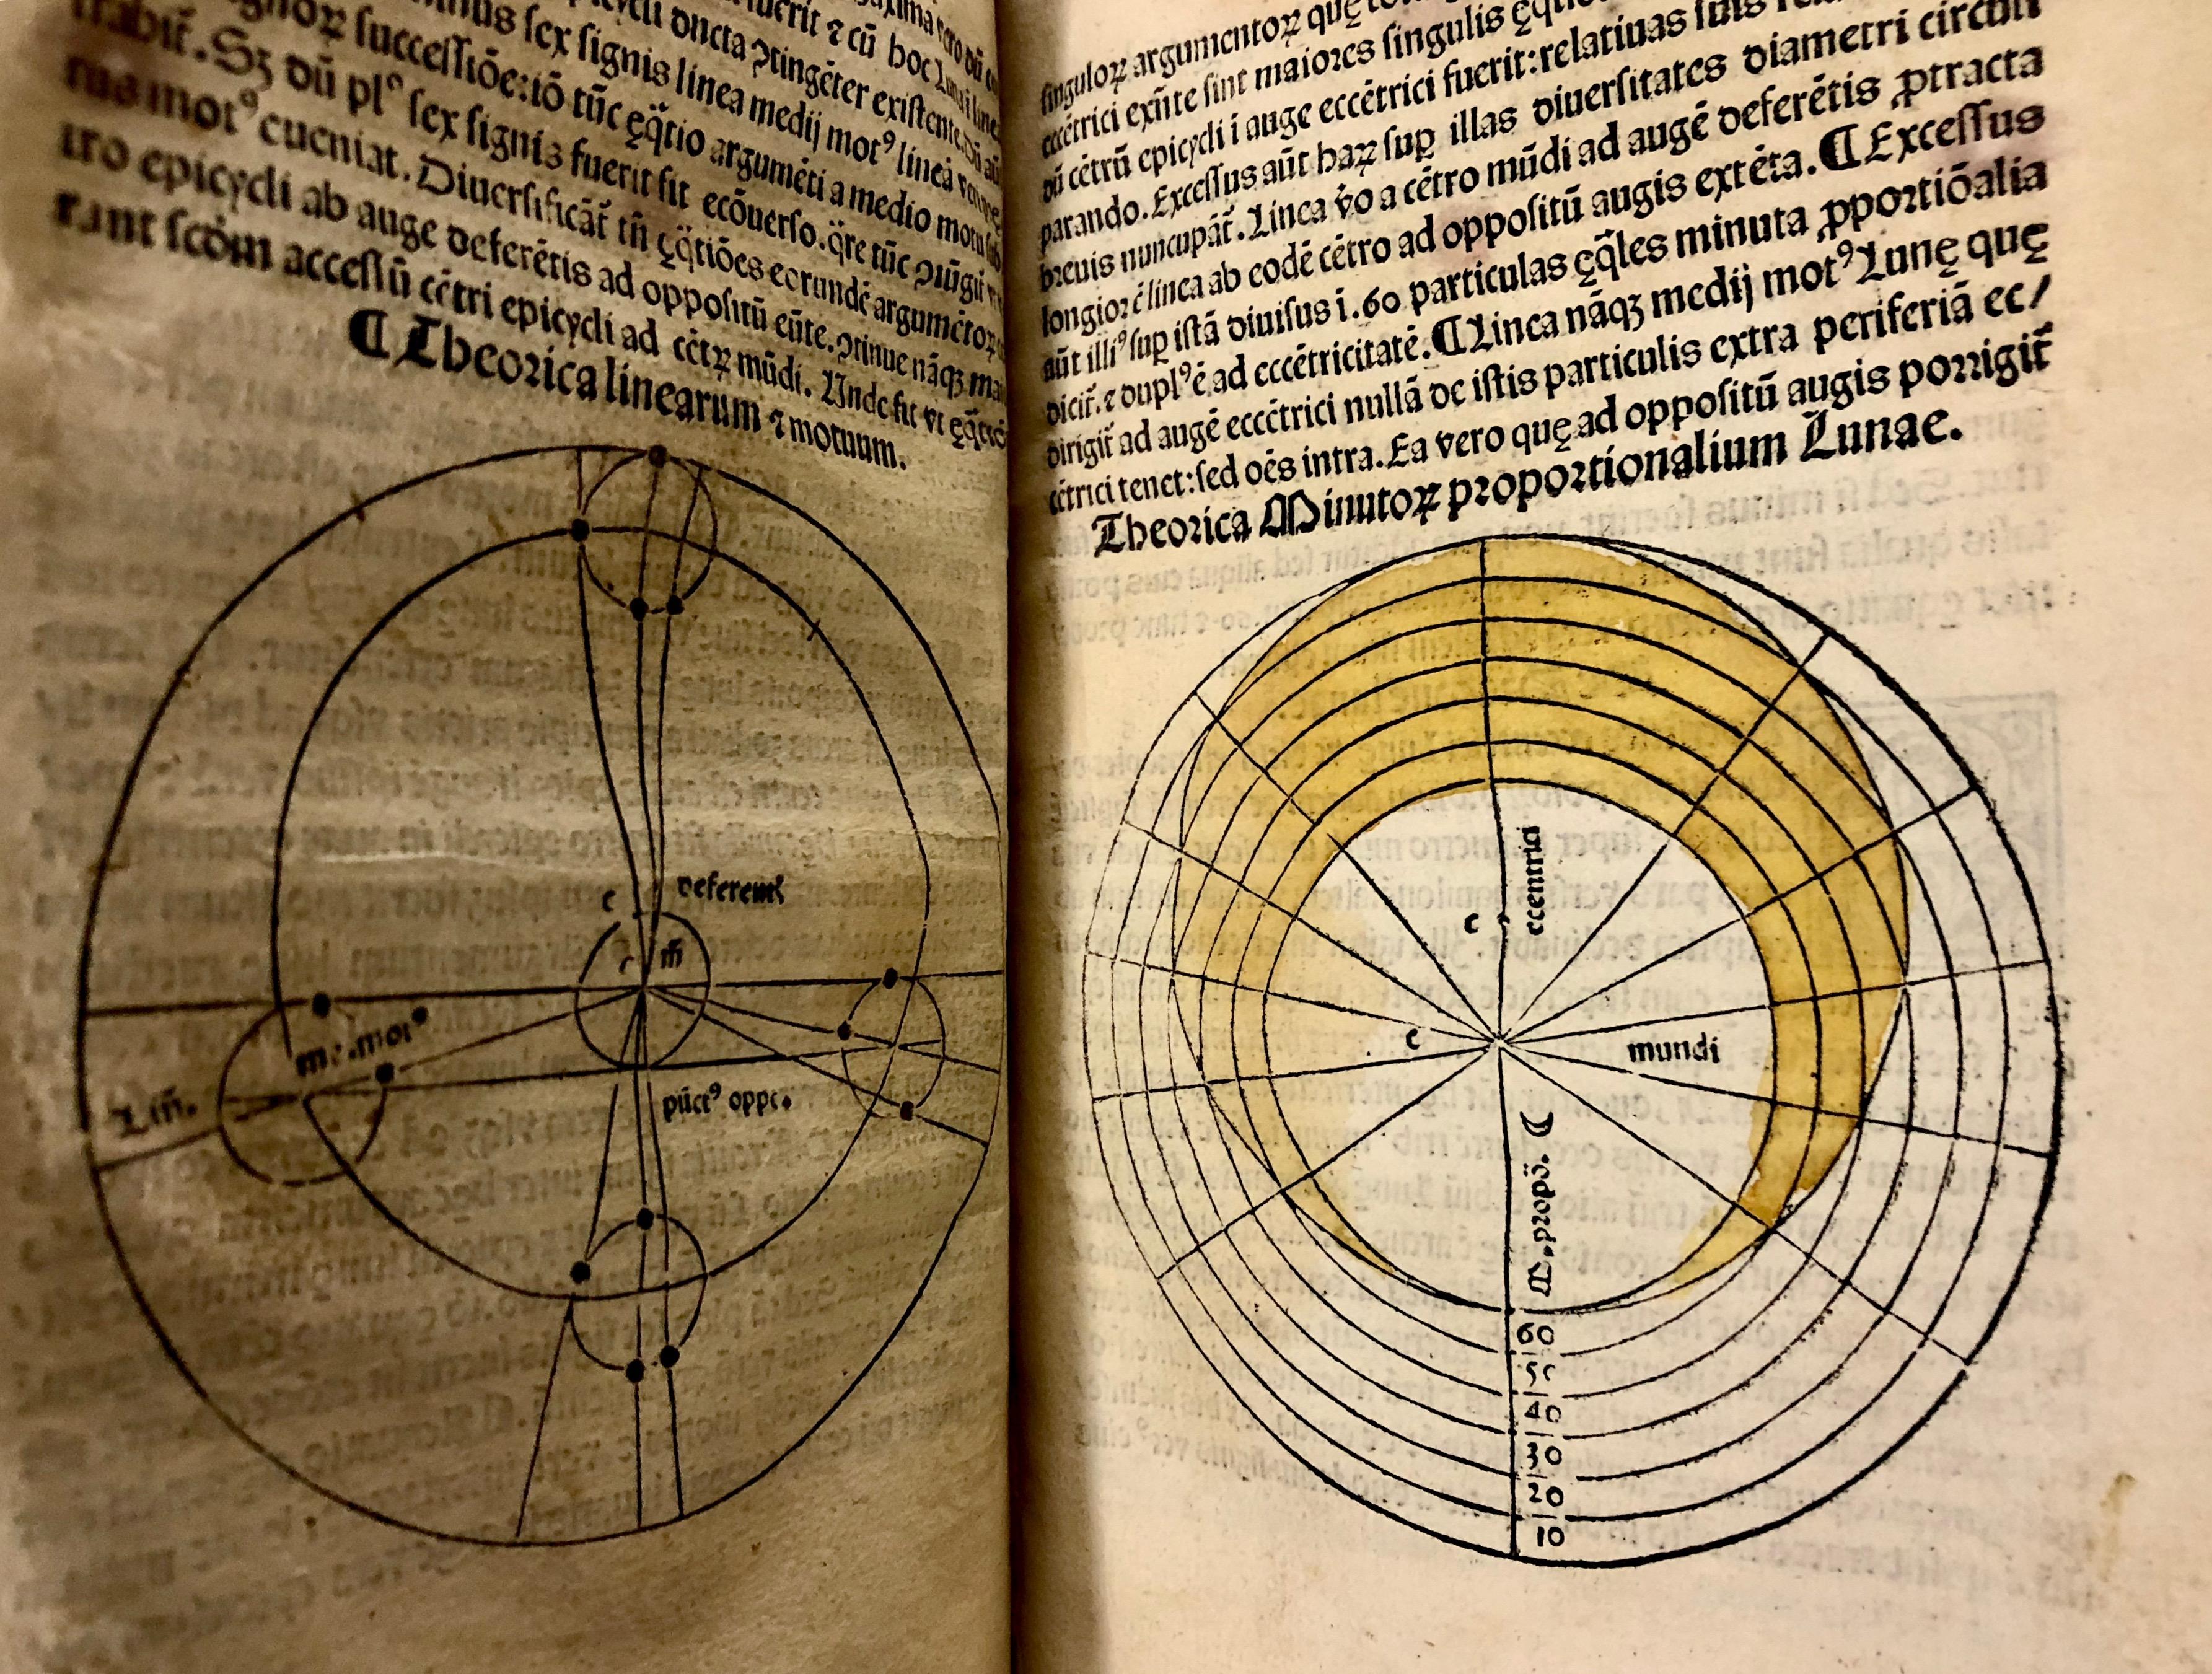 Lunar charts in 'Nouicijs adolescetib': ad astronomica remp: capessenda aditu impenetratib' by Johannes de Sacro Bosco, 1482, Venice (Maddison Collection, 1D1)